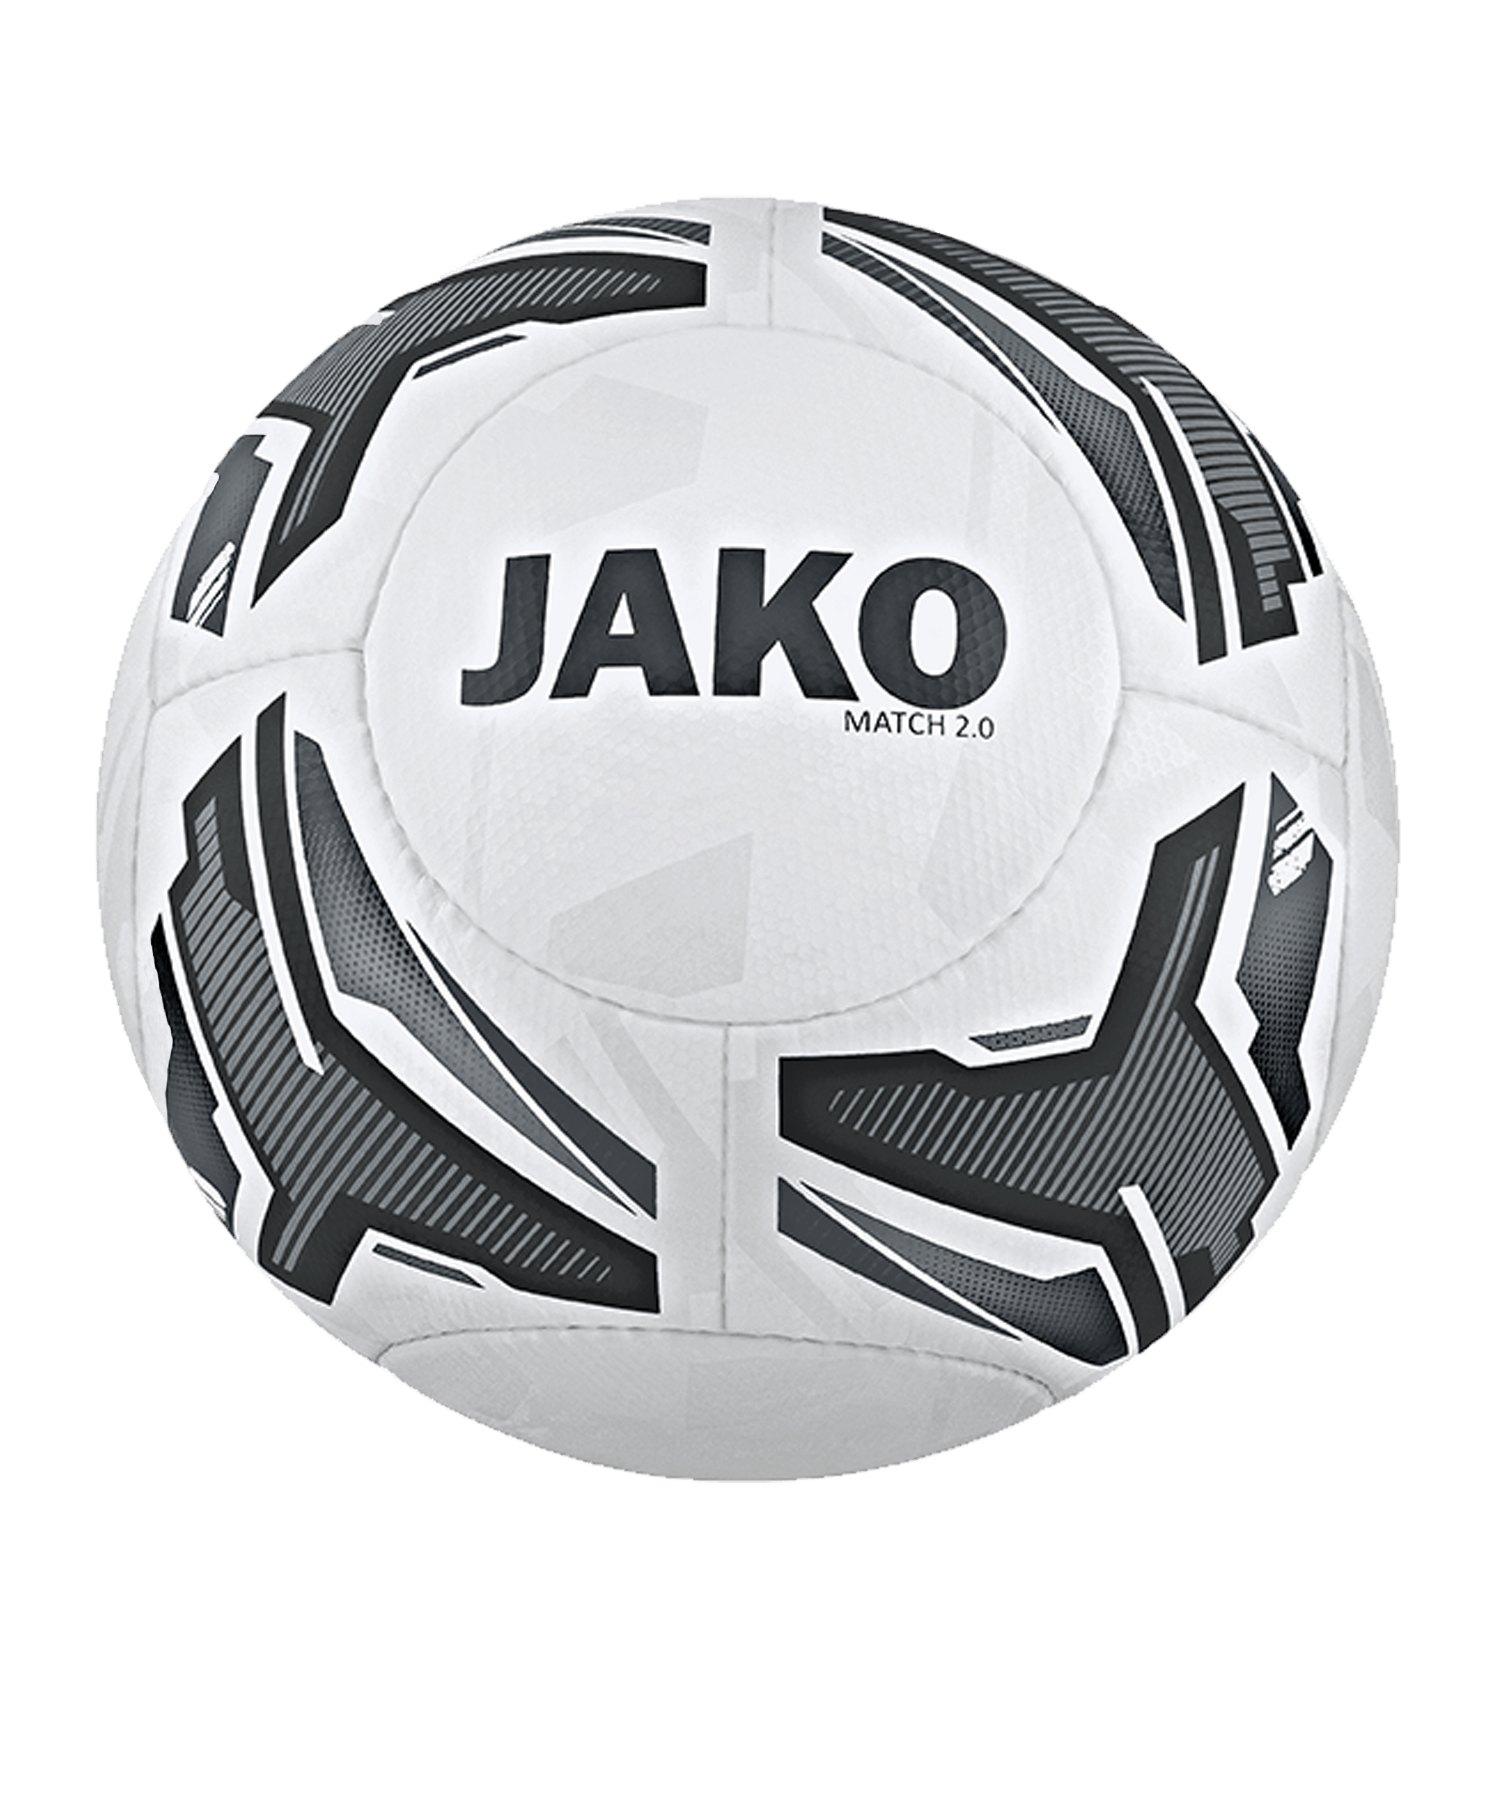 JAKO Match 2.0 Trainingsball Weiss F40 - weiss